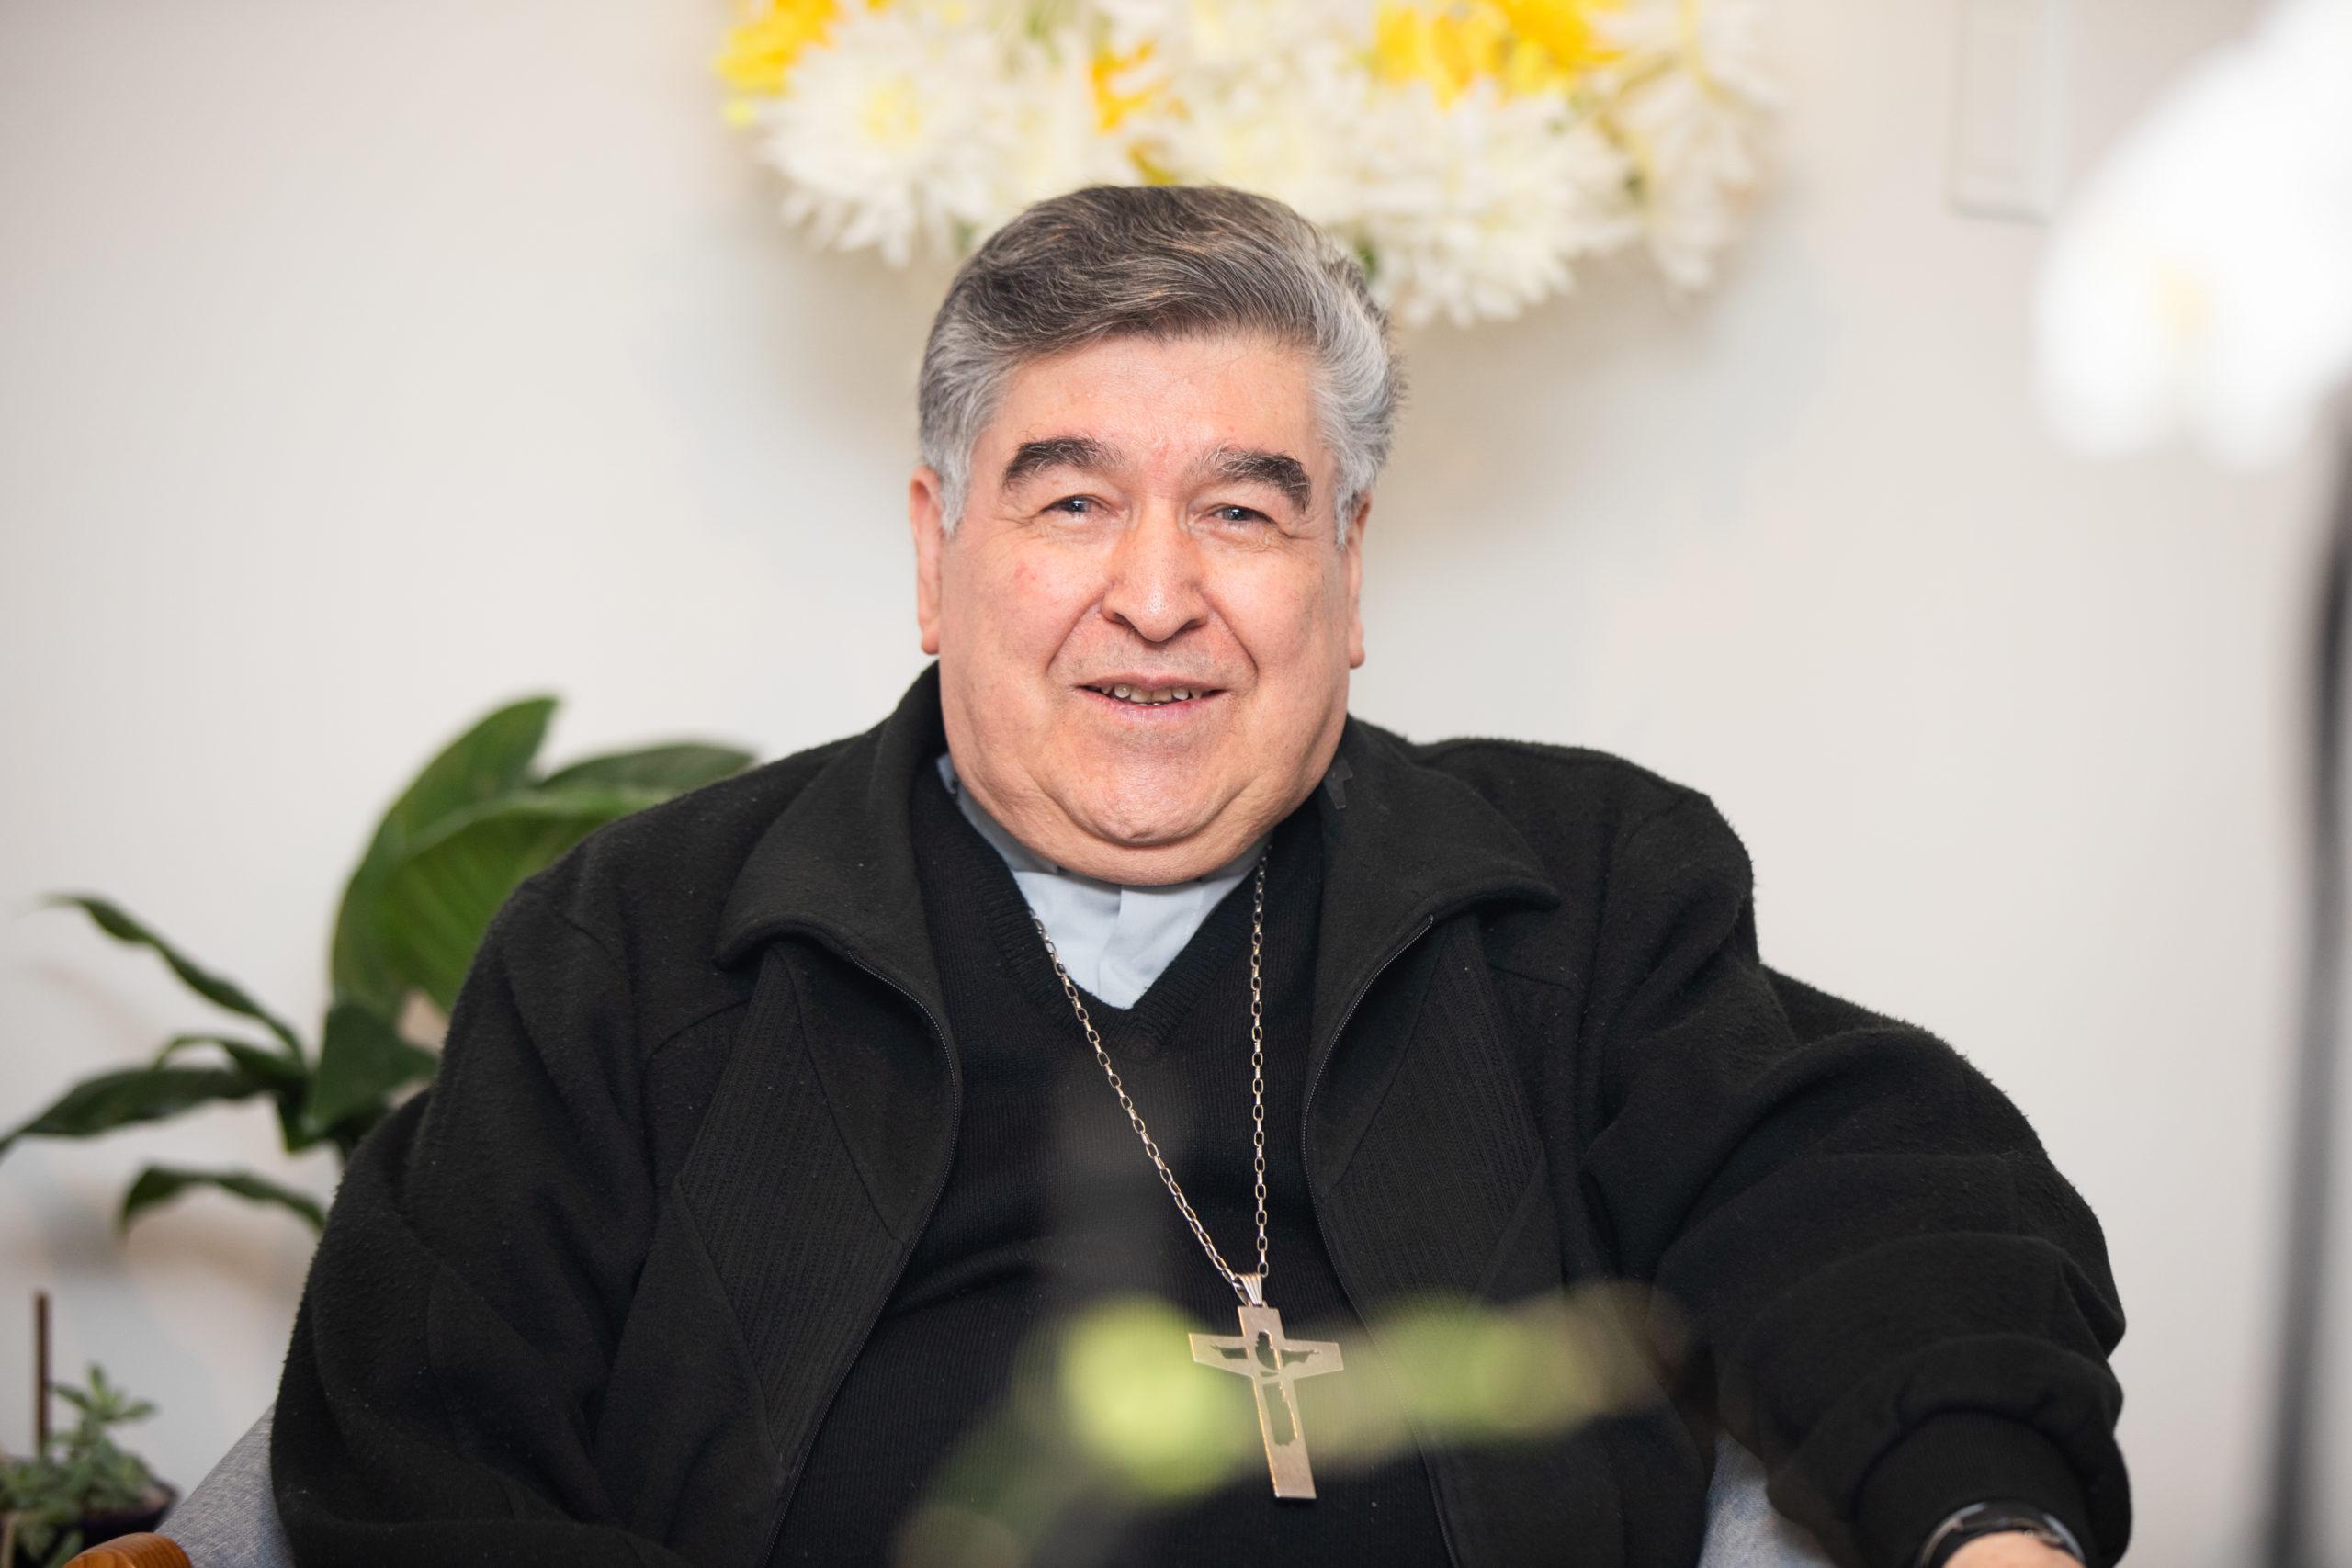 Consistorio Cardenales Monseñor Arizmendi